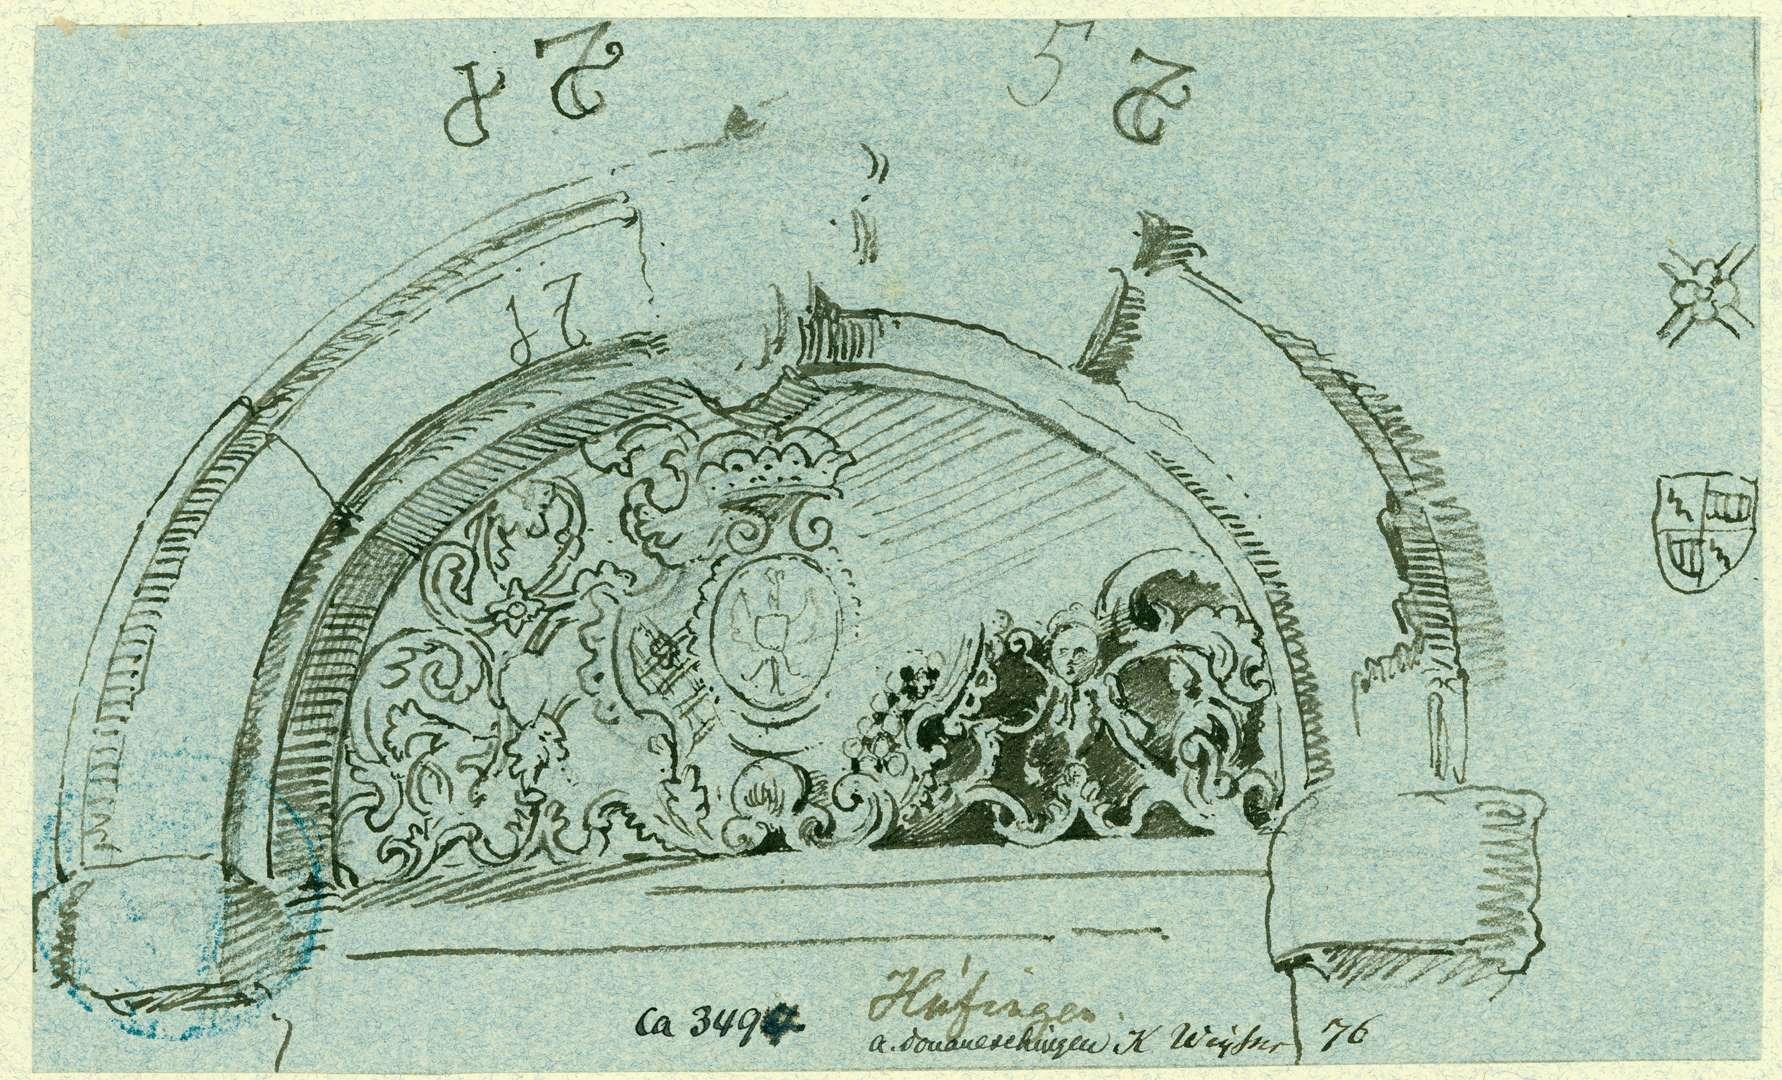 Hüfingen Tympanon mit schmiedeeisernem Gitter und Wappen, Bild 1